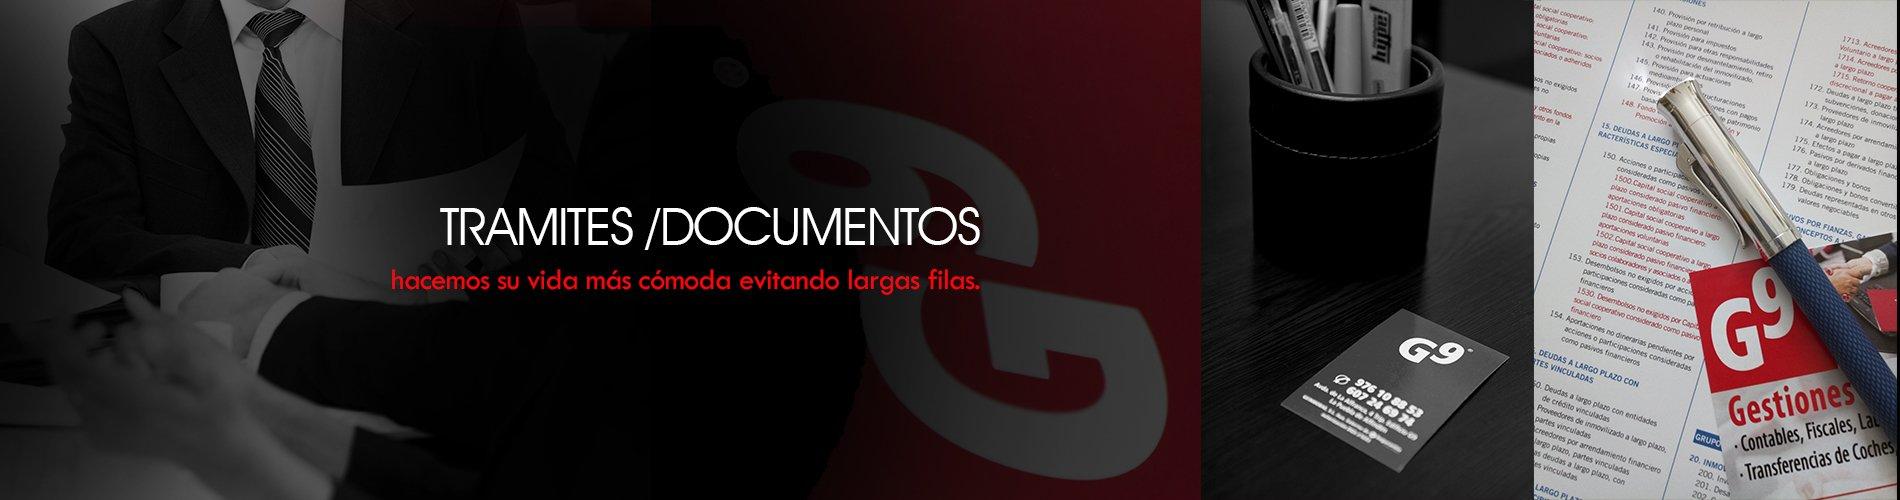 Realización de trámites y gestión de documentos en La Puebla de Alfindén y Zaragoza